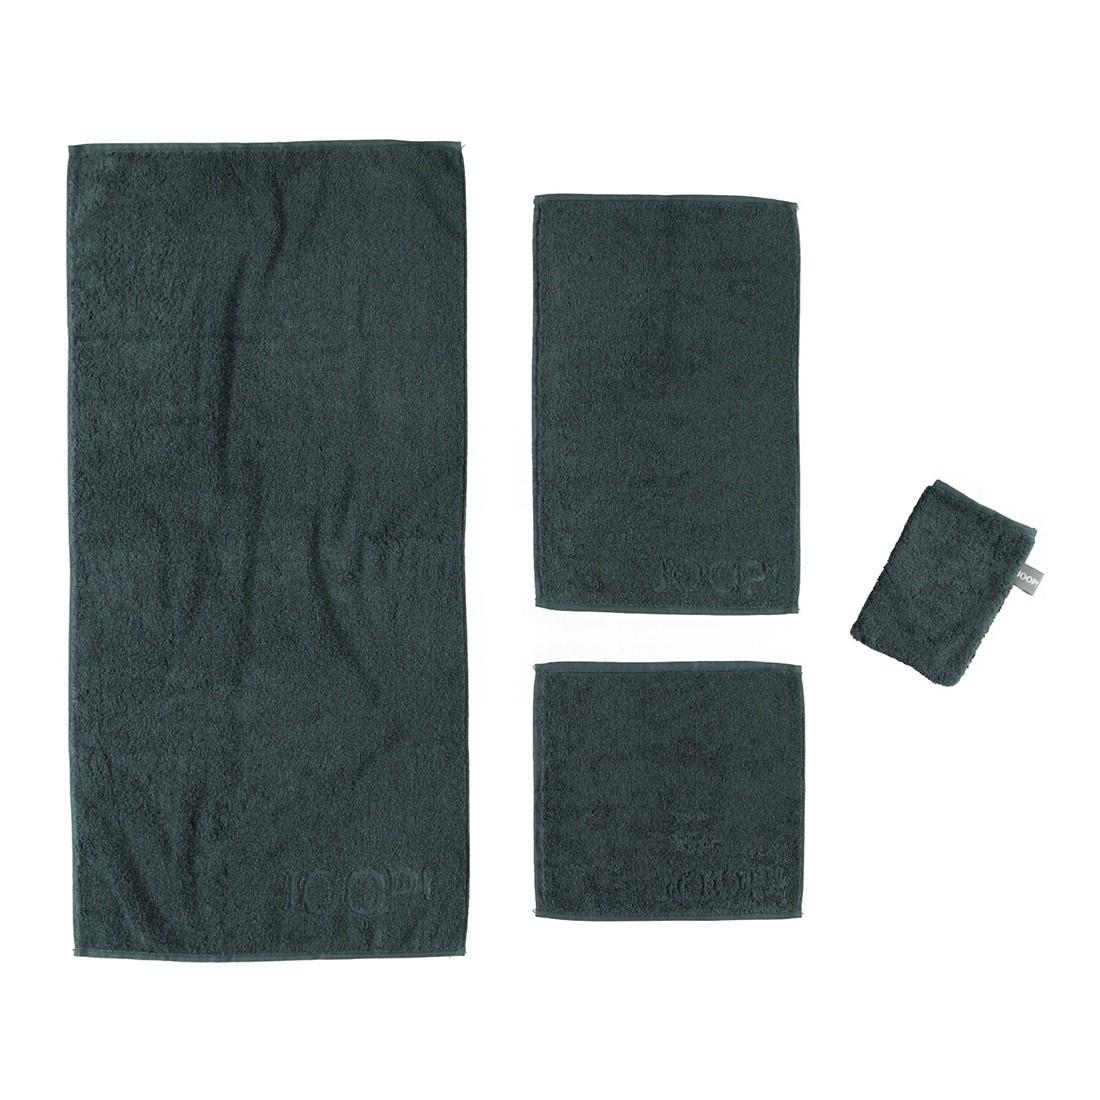 Handtuch Basic – 100% Baumwolle Schwarz – 901 – Waschhandschuh: 16 x 22 cm, Joop bestellen